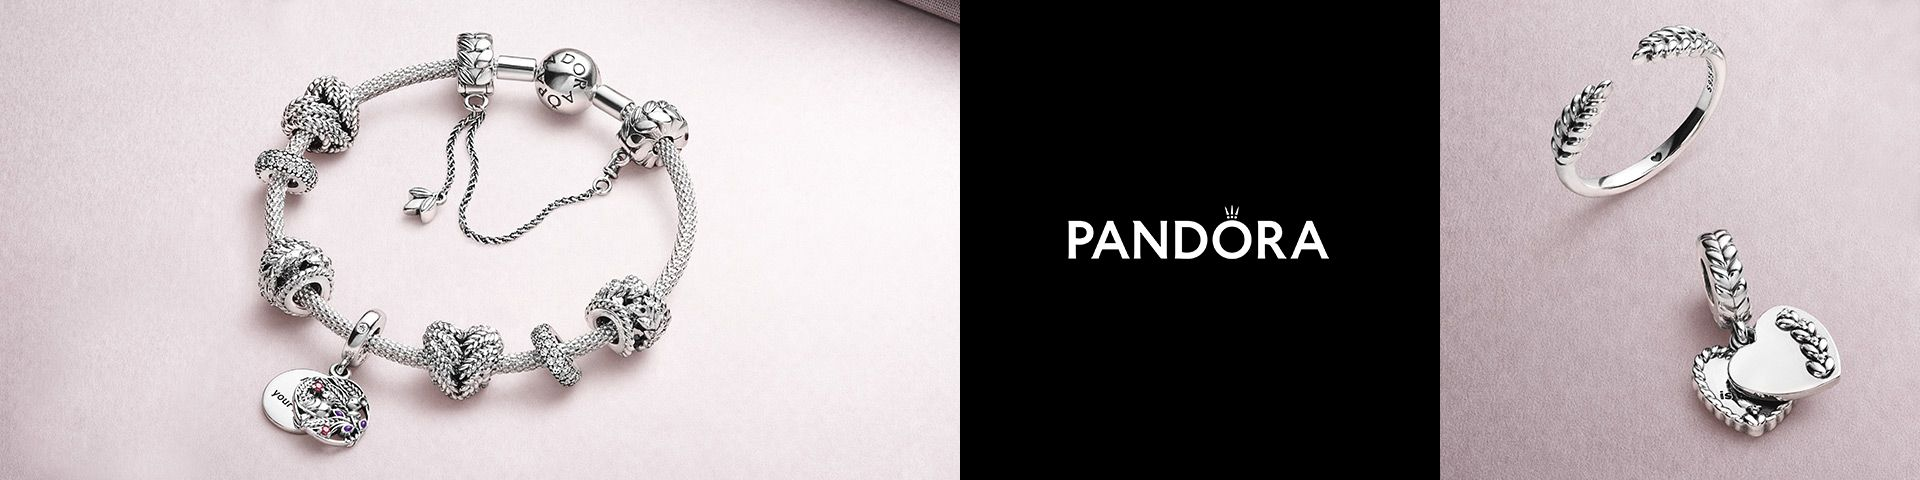 PANDORA grundades i Danmark 1982 och har sedan dess uppnått enorm  popularitet. Deras smycken säljs i mer än 80 länder på 6 kontinenter. f954c54692ccb